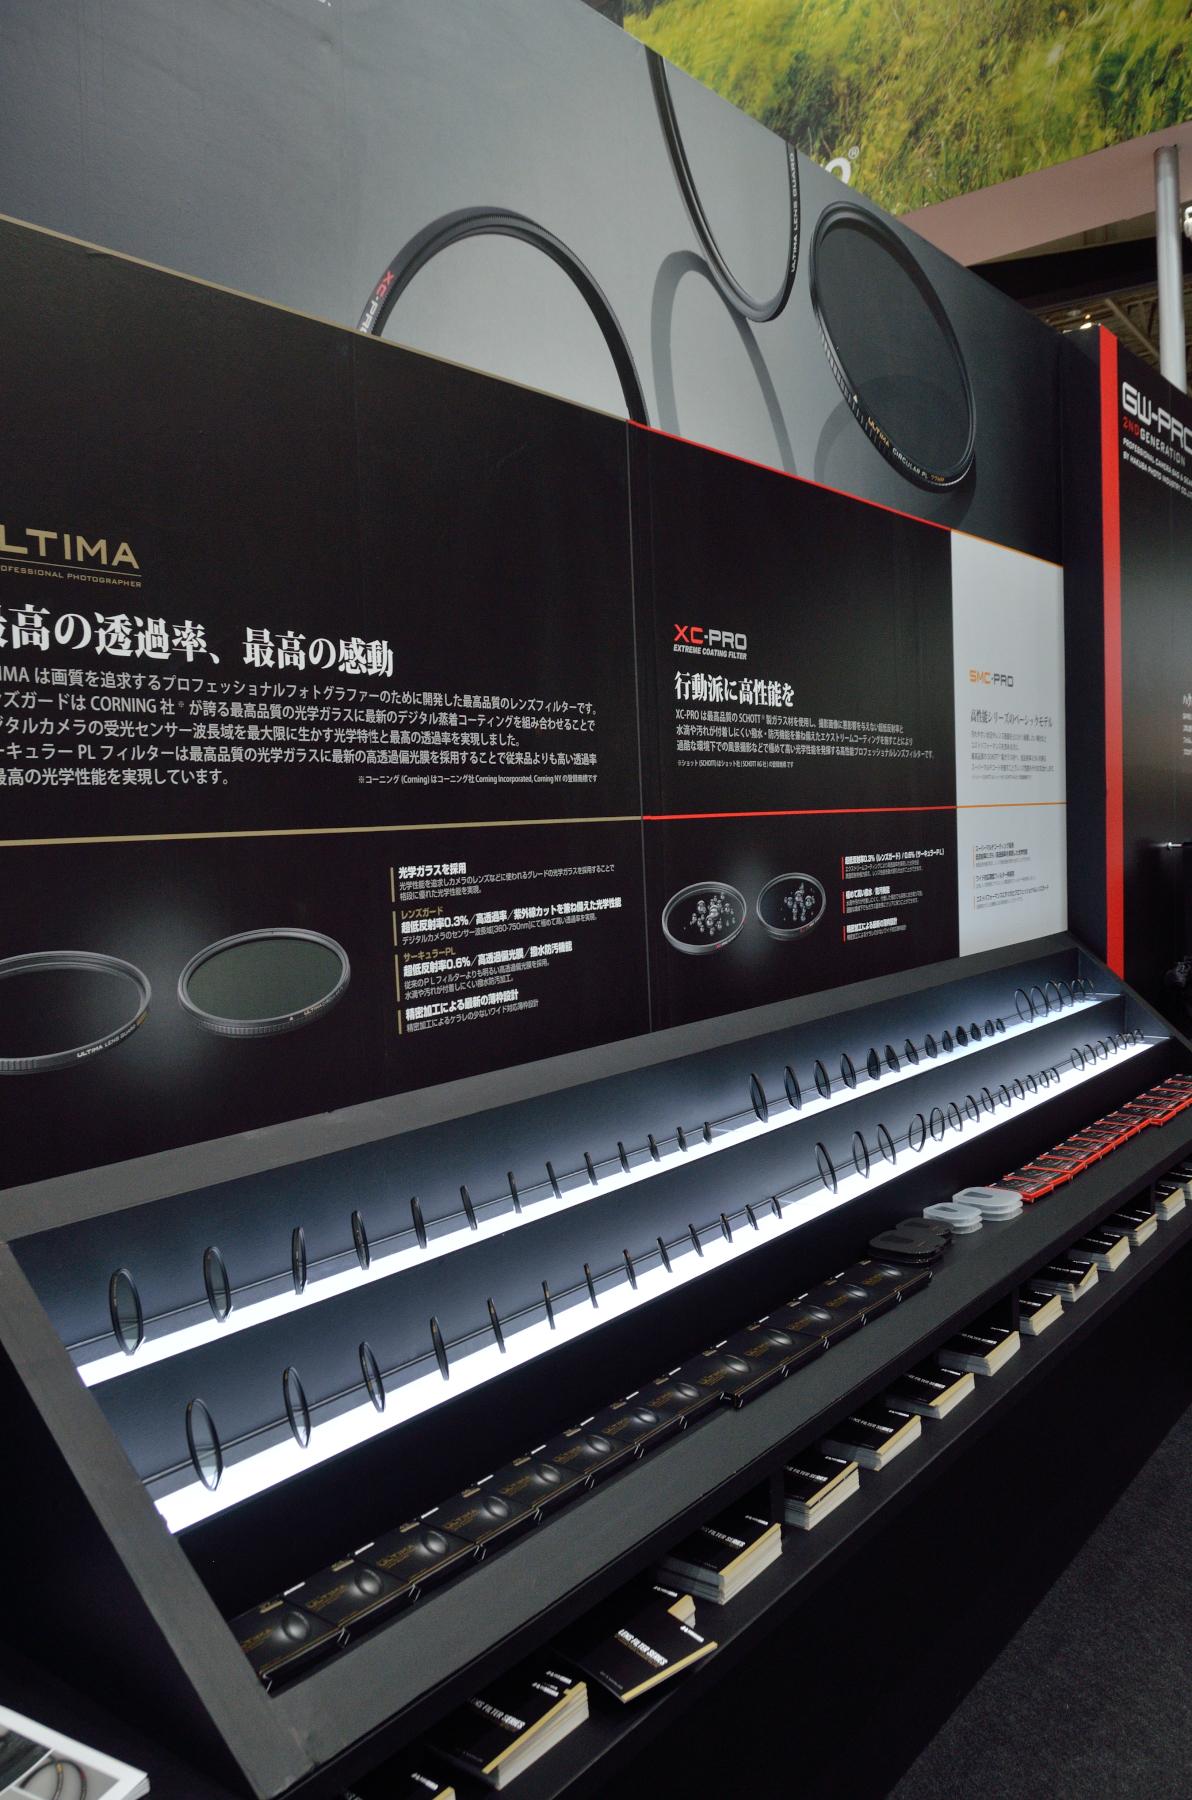 3系統になった高機能フィルターシリーズの展示